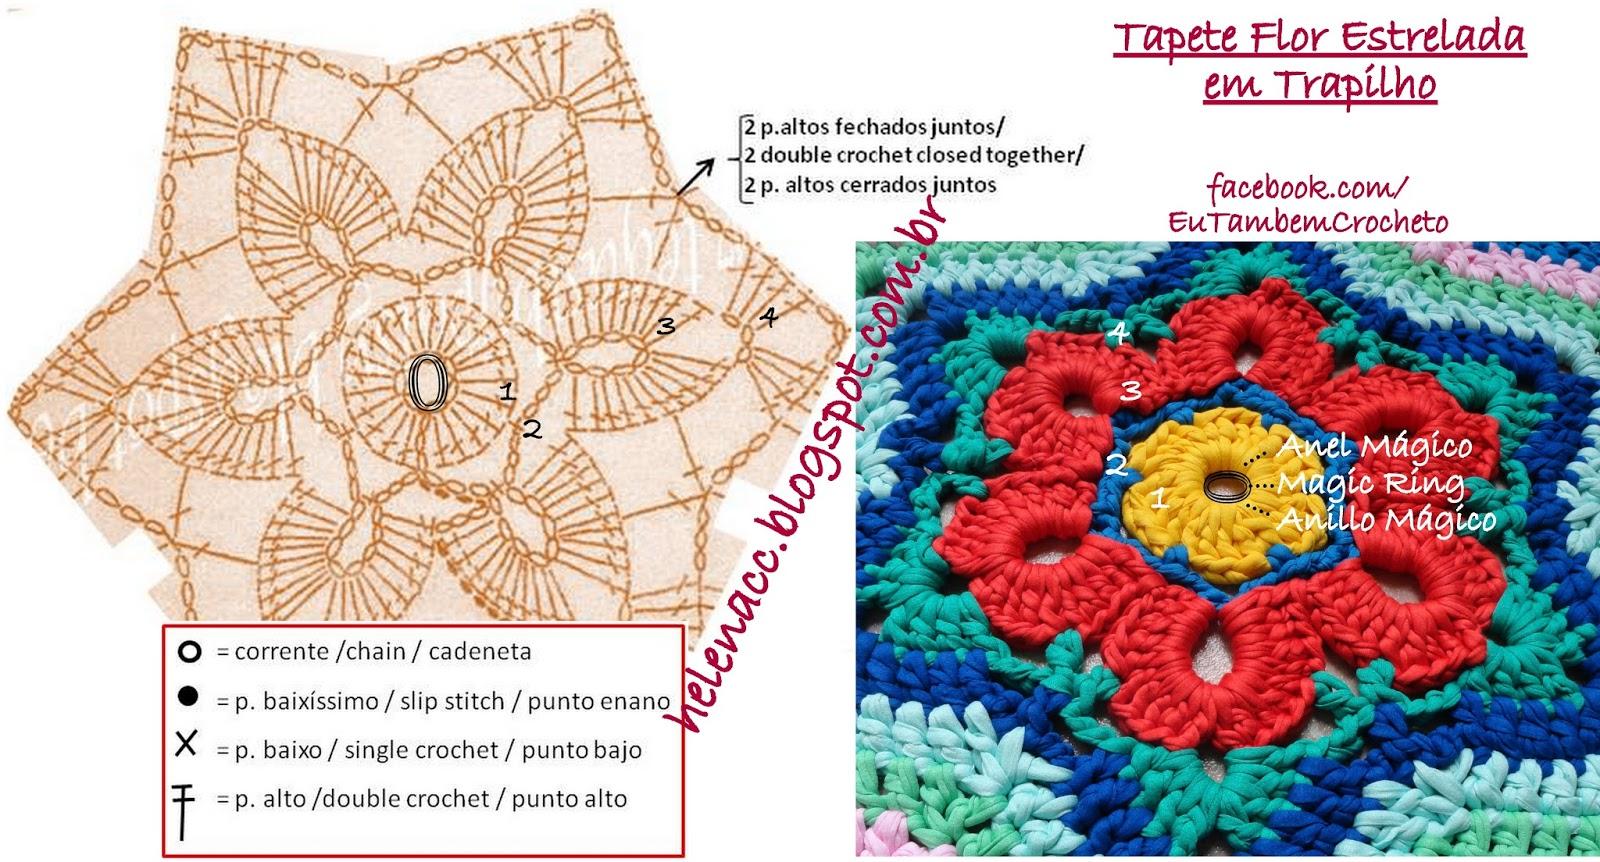 Вязаные прямоугольные коврики крючком со схемами и описанием